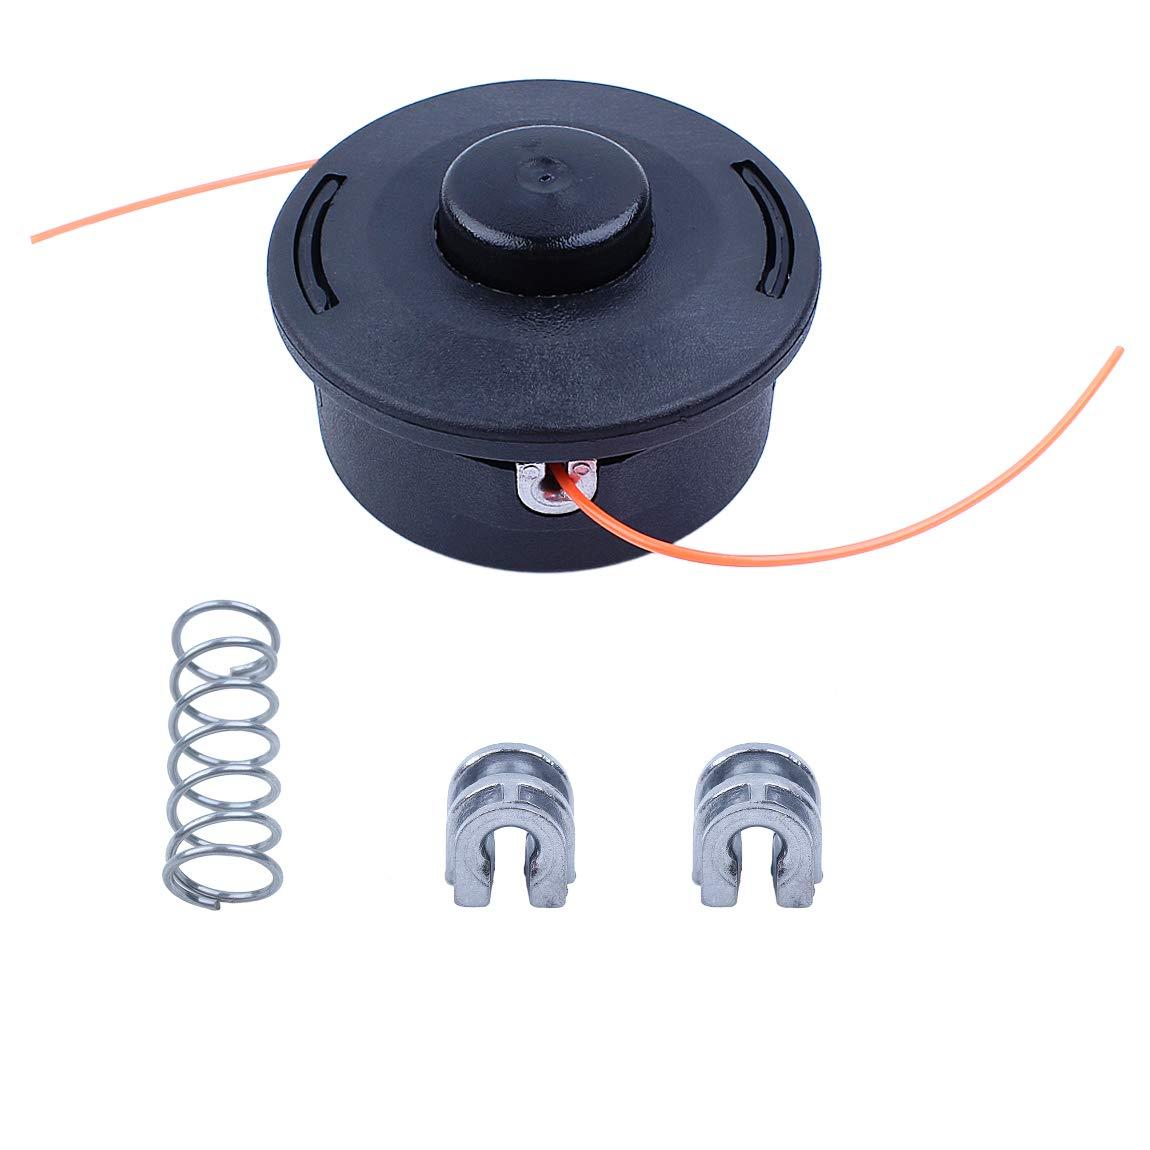 Haishine Trimmer Head Spring Juego de Casquillos para Ojales para STIHL FS44 FS55 FS70 FS80 FS85 FS90 FS100 FS110 FS120 FS130 FS200 Recortadora